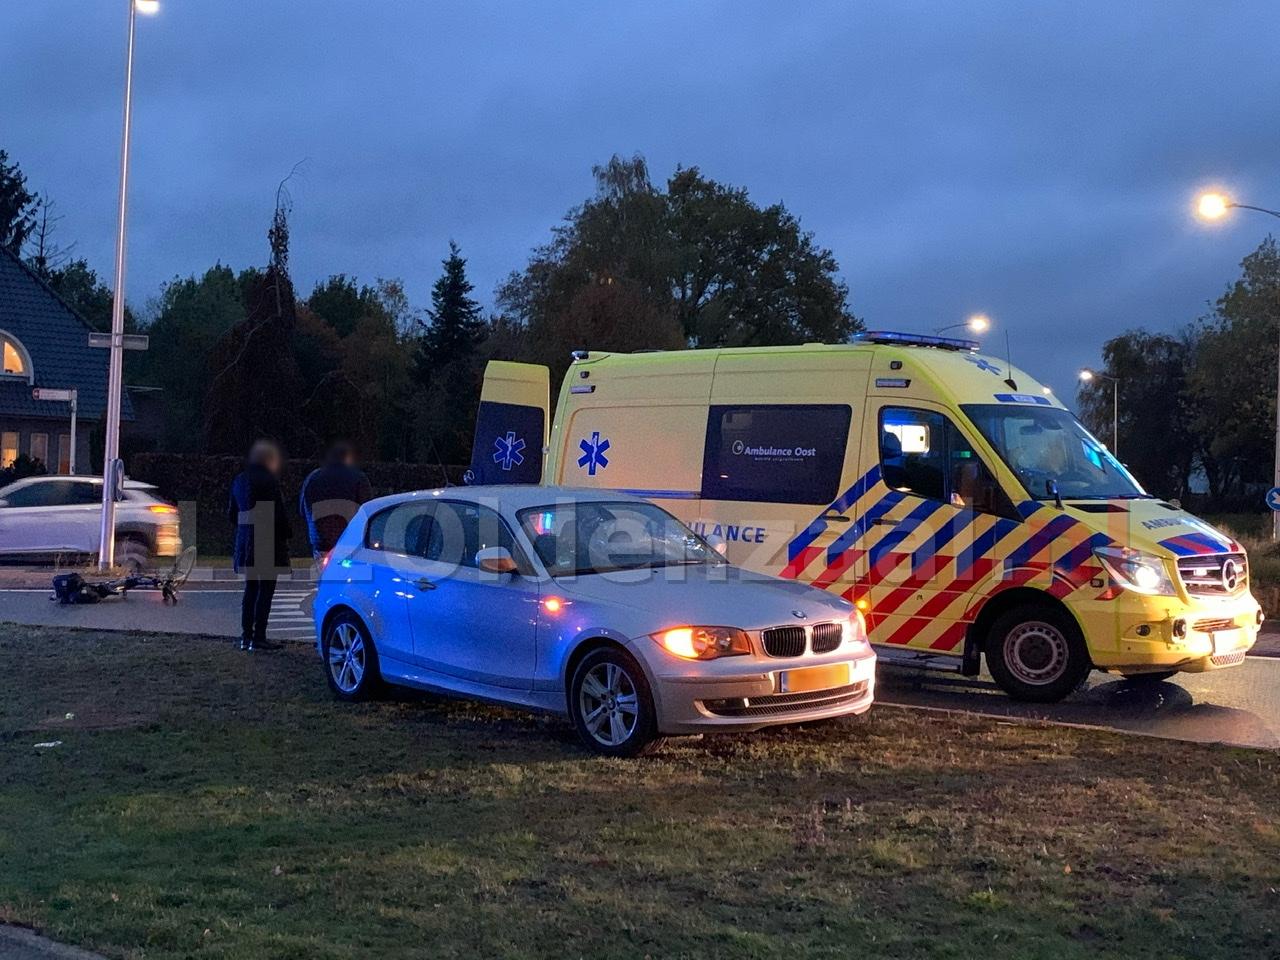 Fietsster gewond bij aanrijding op rotonde in Oldenzaal